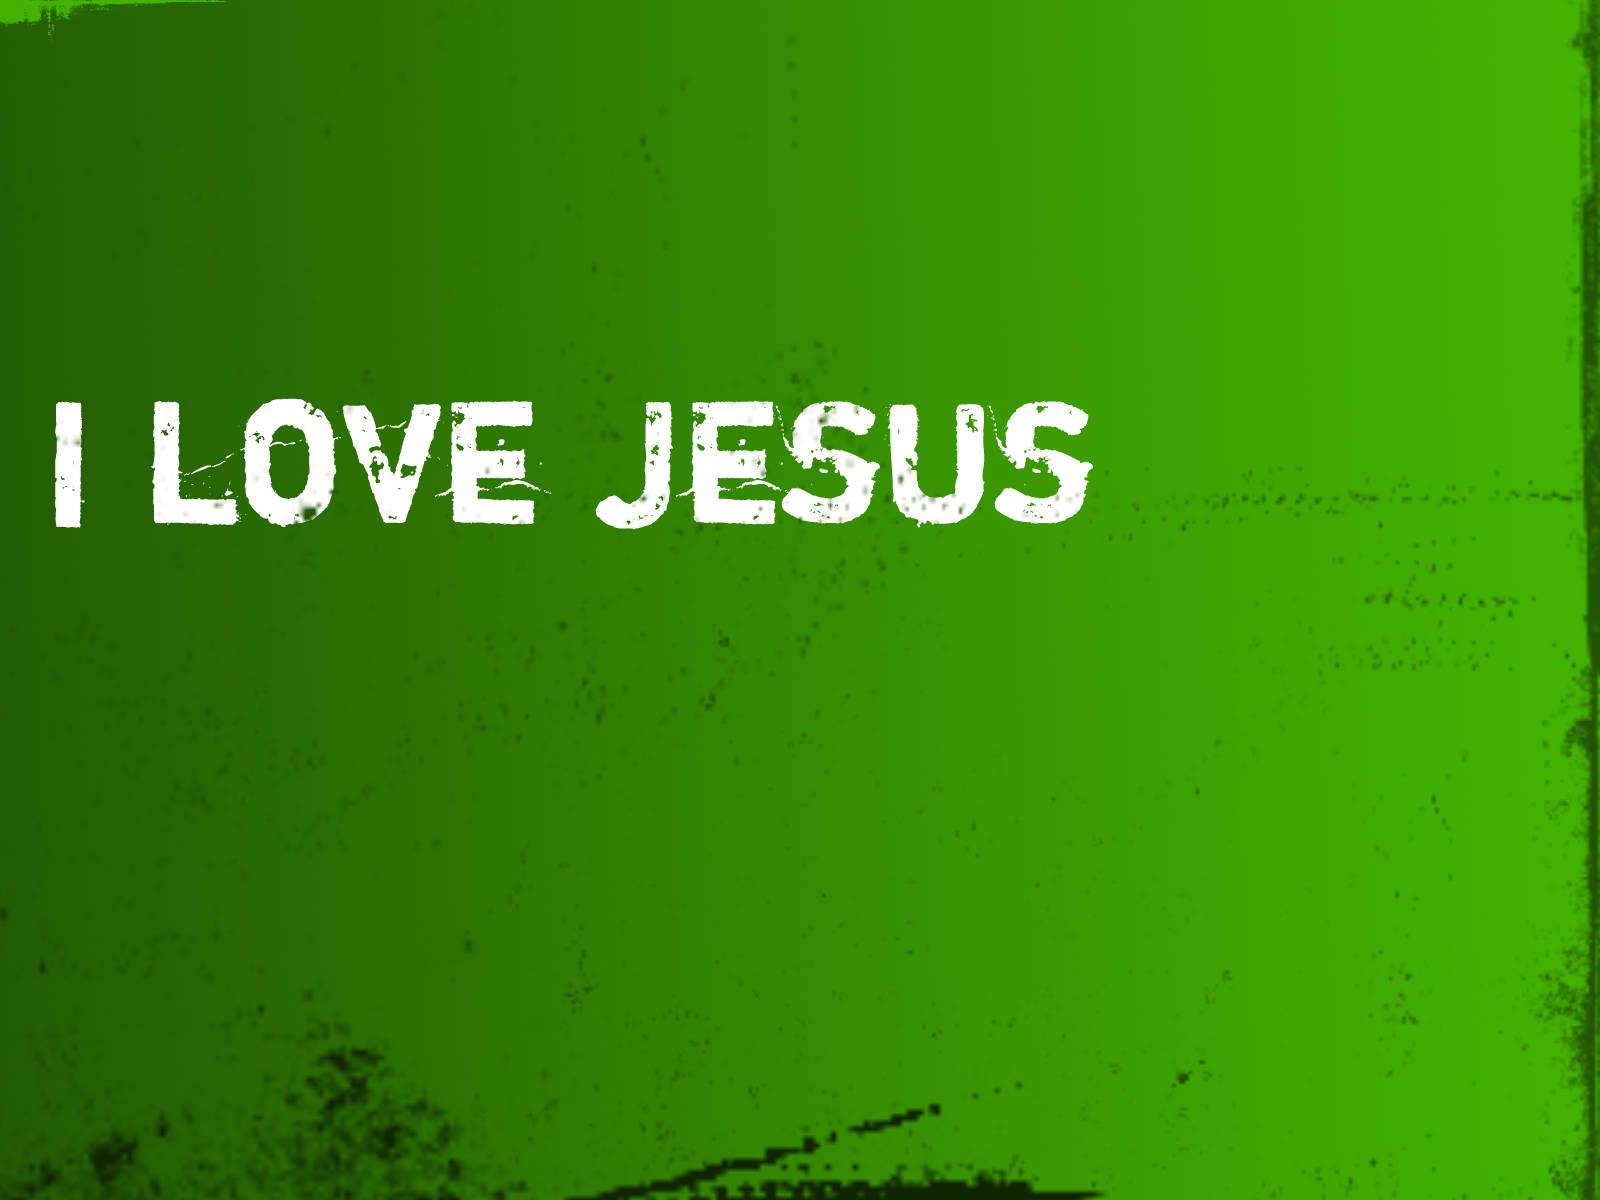 I Love Jesus Christian Wallpaper